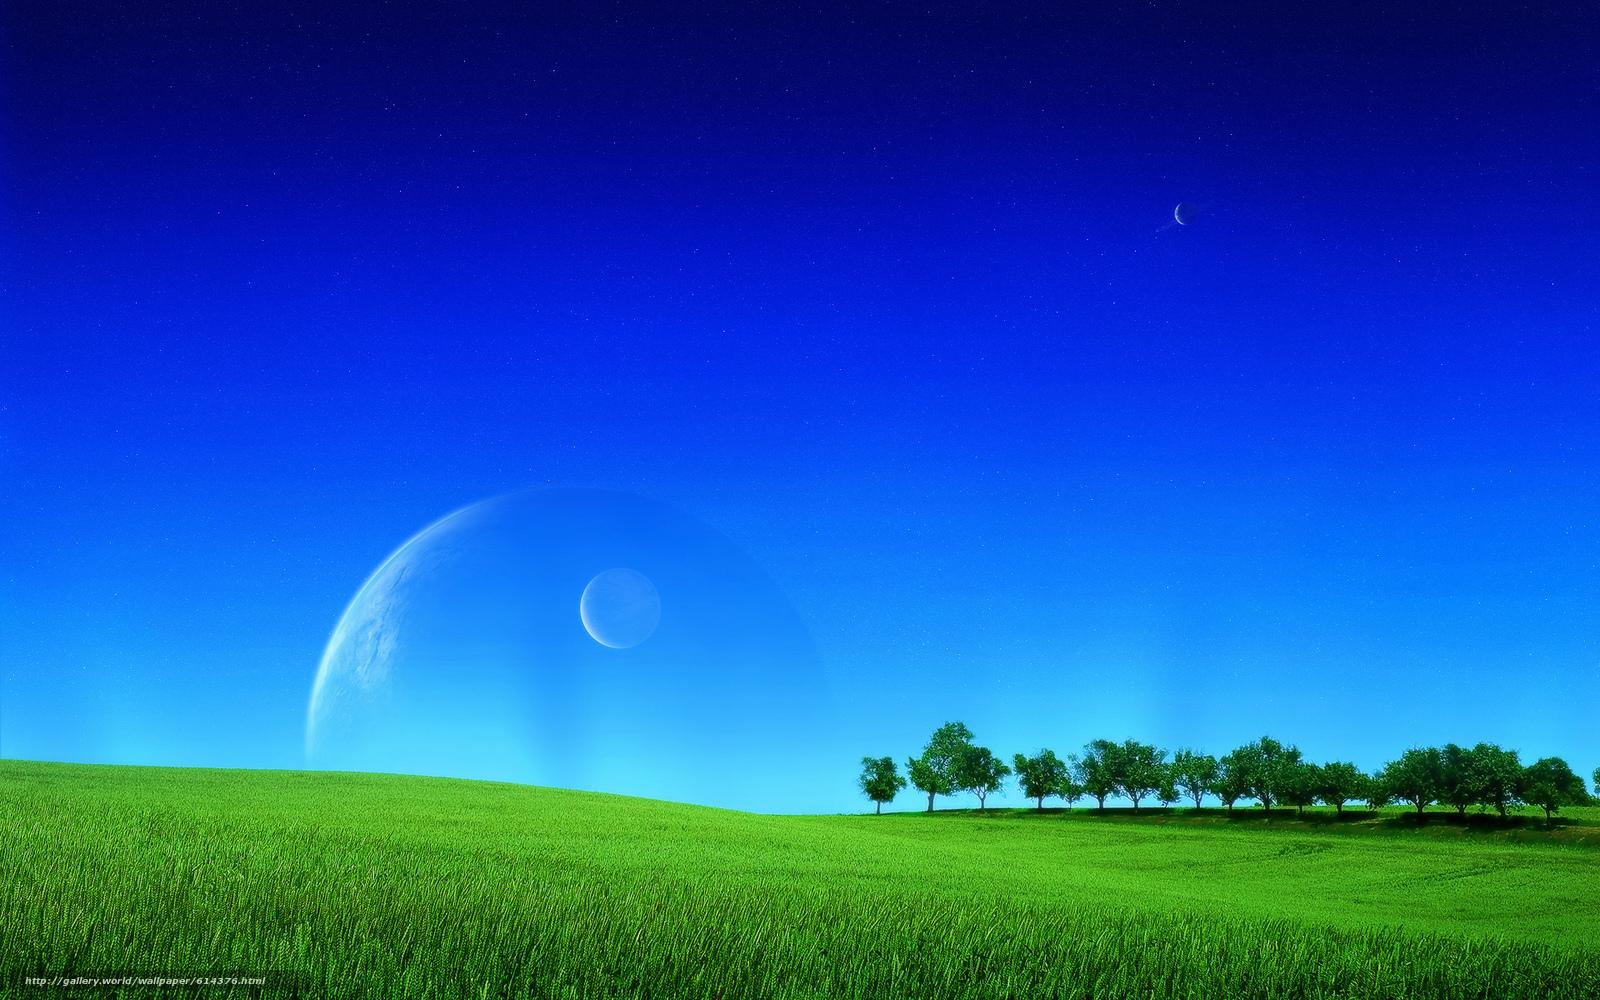 Скачать обои поле,  небо,  деревья,  планеты бесплатно для рабочего стола в разрешении 1920x1200 — картинка №614376